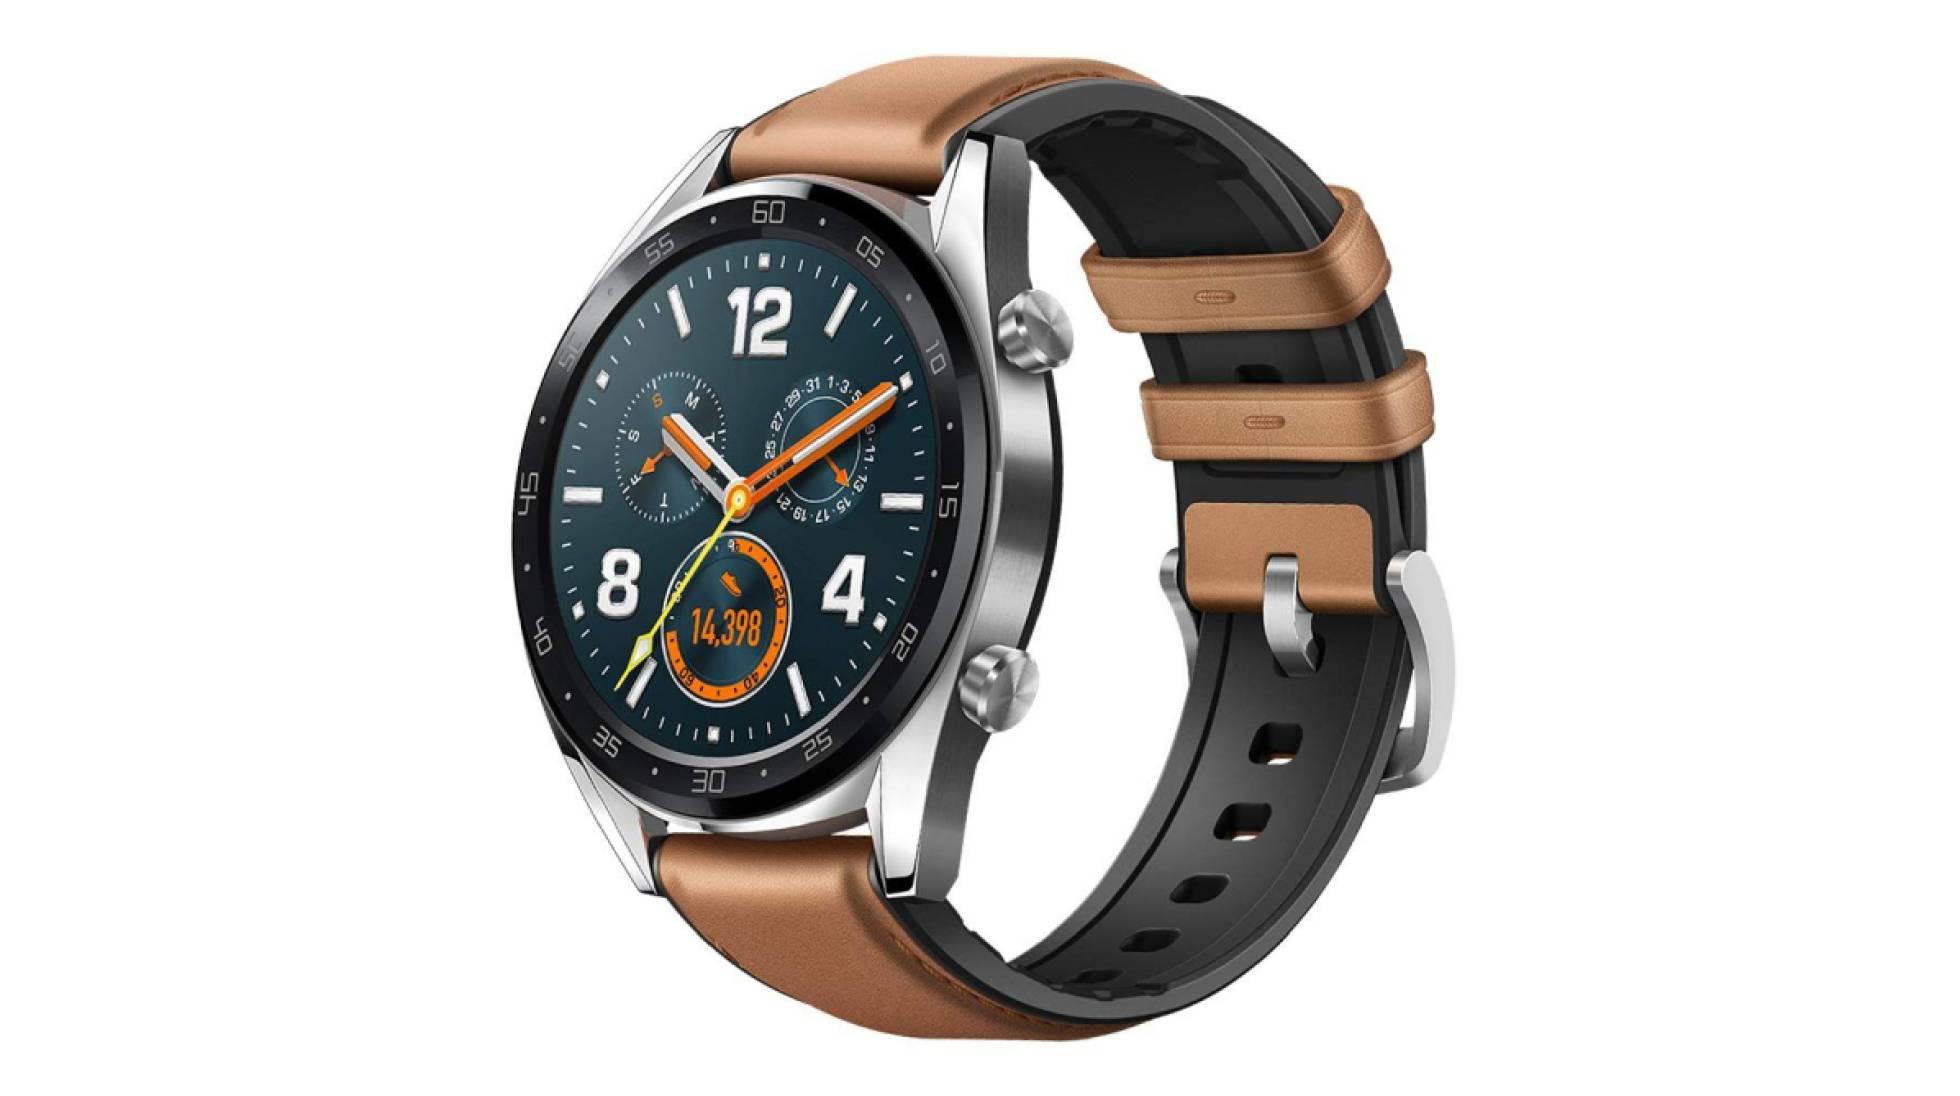 Relojes inteligentes y la tecnología innovadora 1